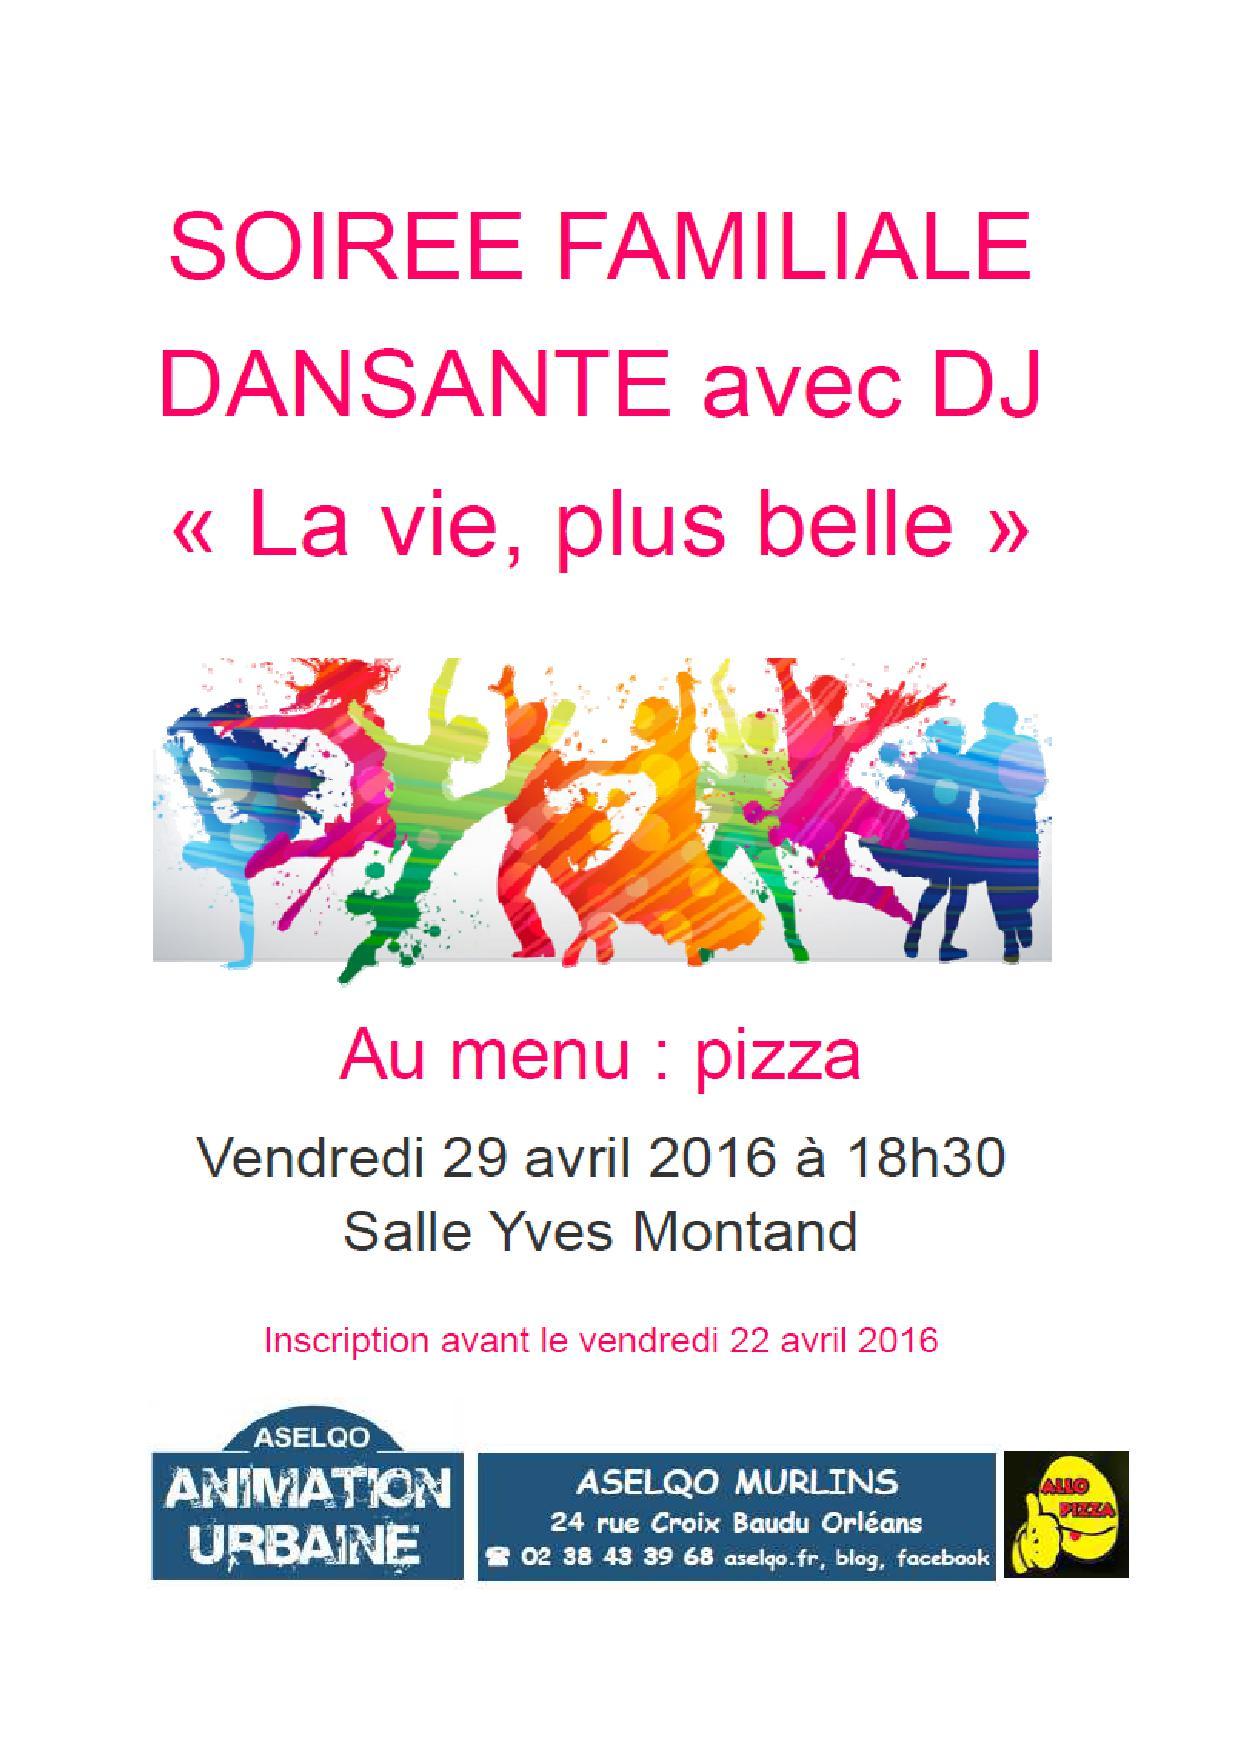 Affiche Soirée Familiale Dansante 29 avril 2016